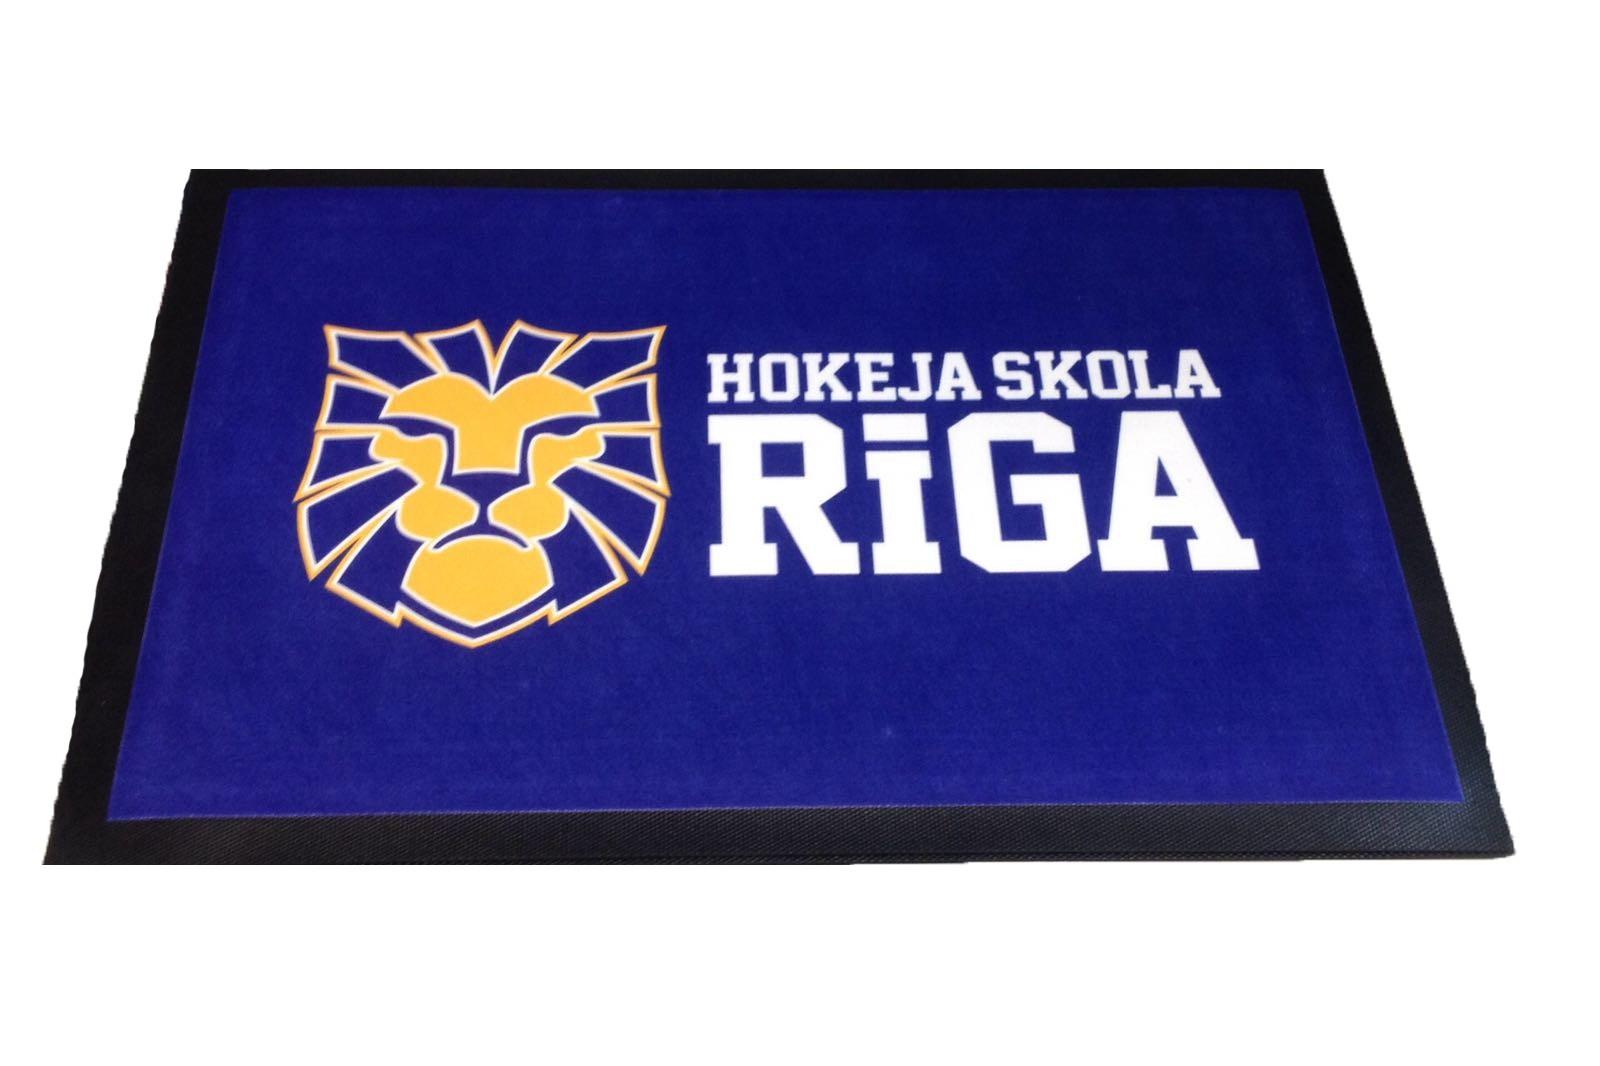 HOKEJAM.LV Hokeja Skola Rīga Hokeja Slidu Paklājs